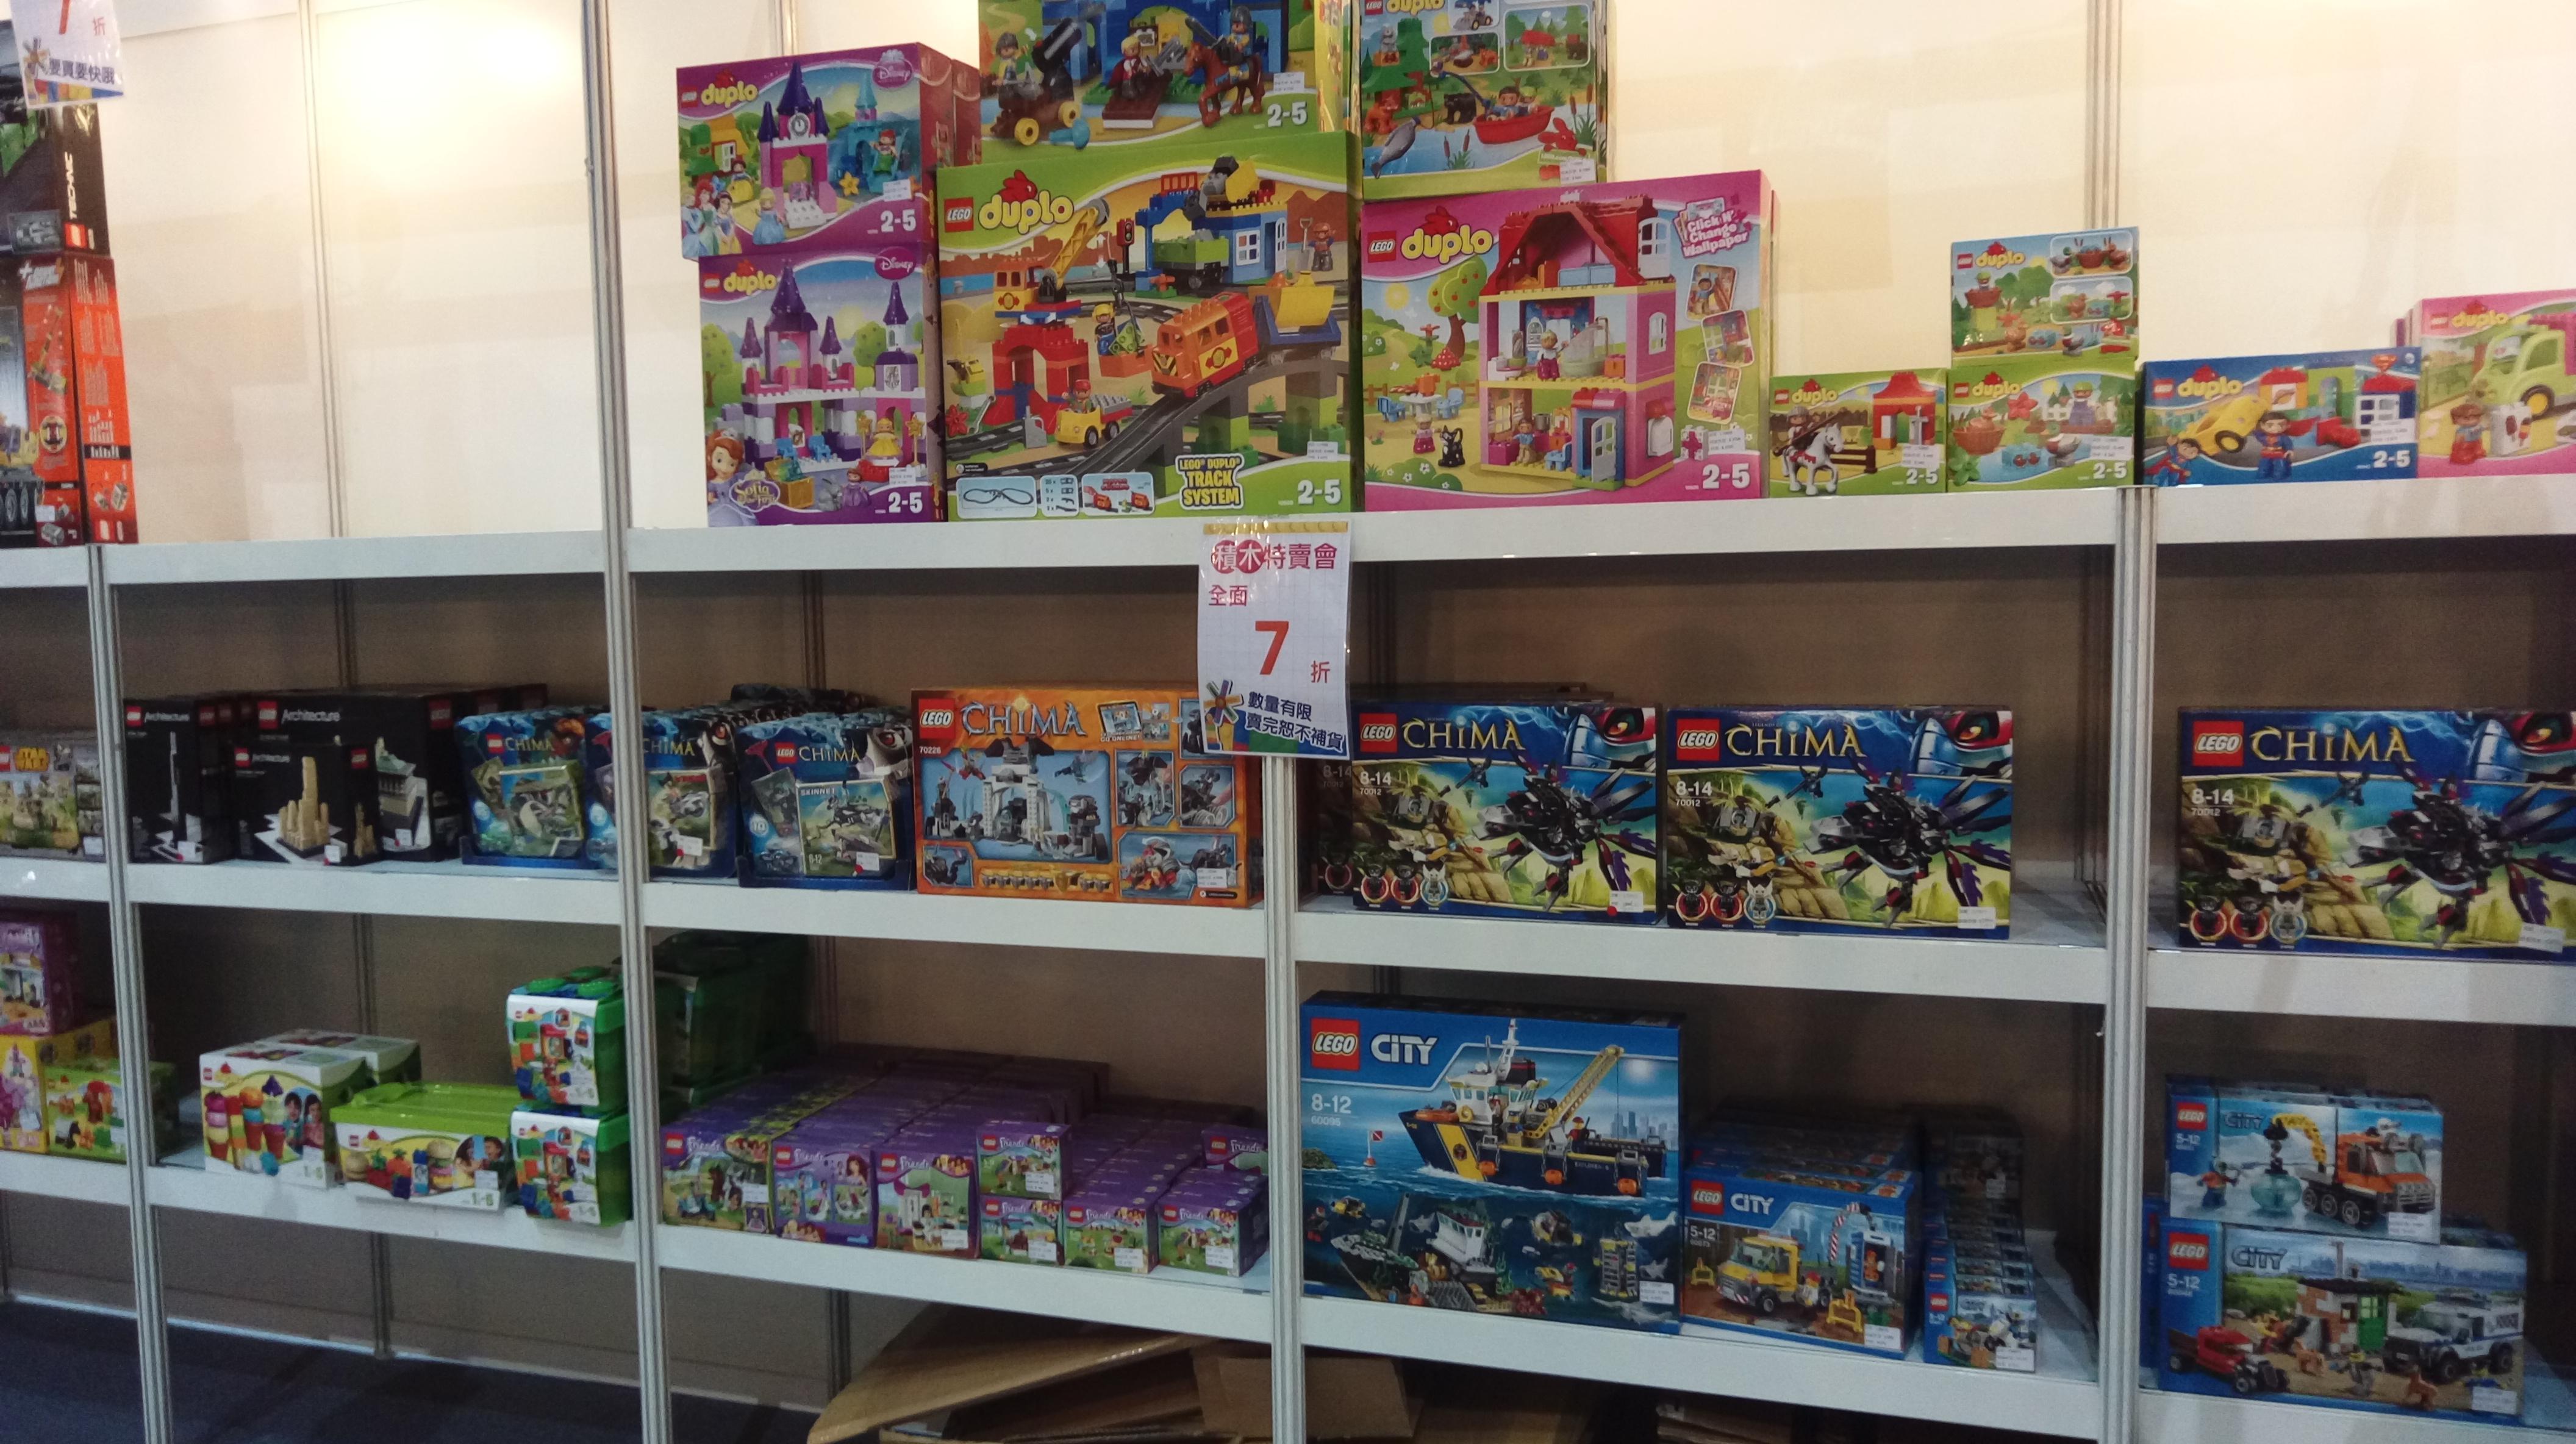 高雄 漢神巨蛋 玩具特賣會,樂高全部7折 - 樂高資訊 - 玩樂天堂 pockyland